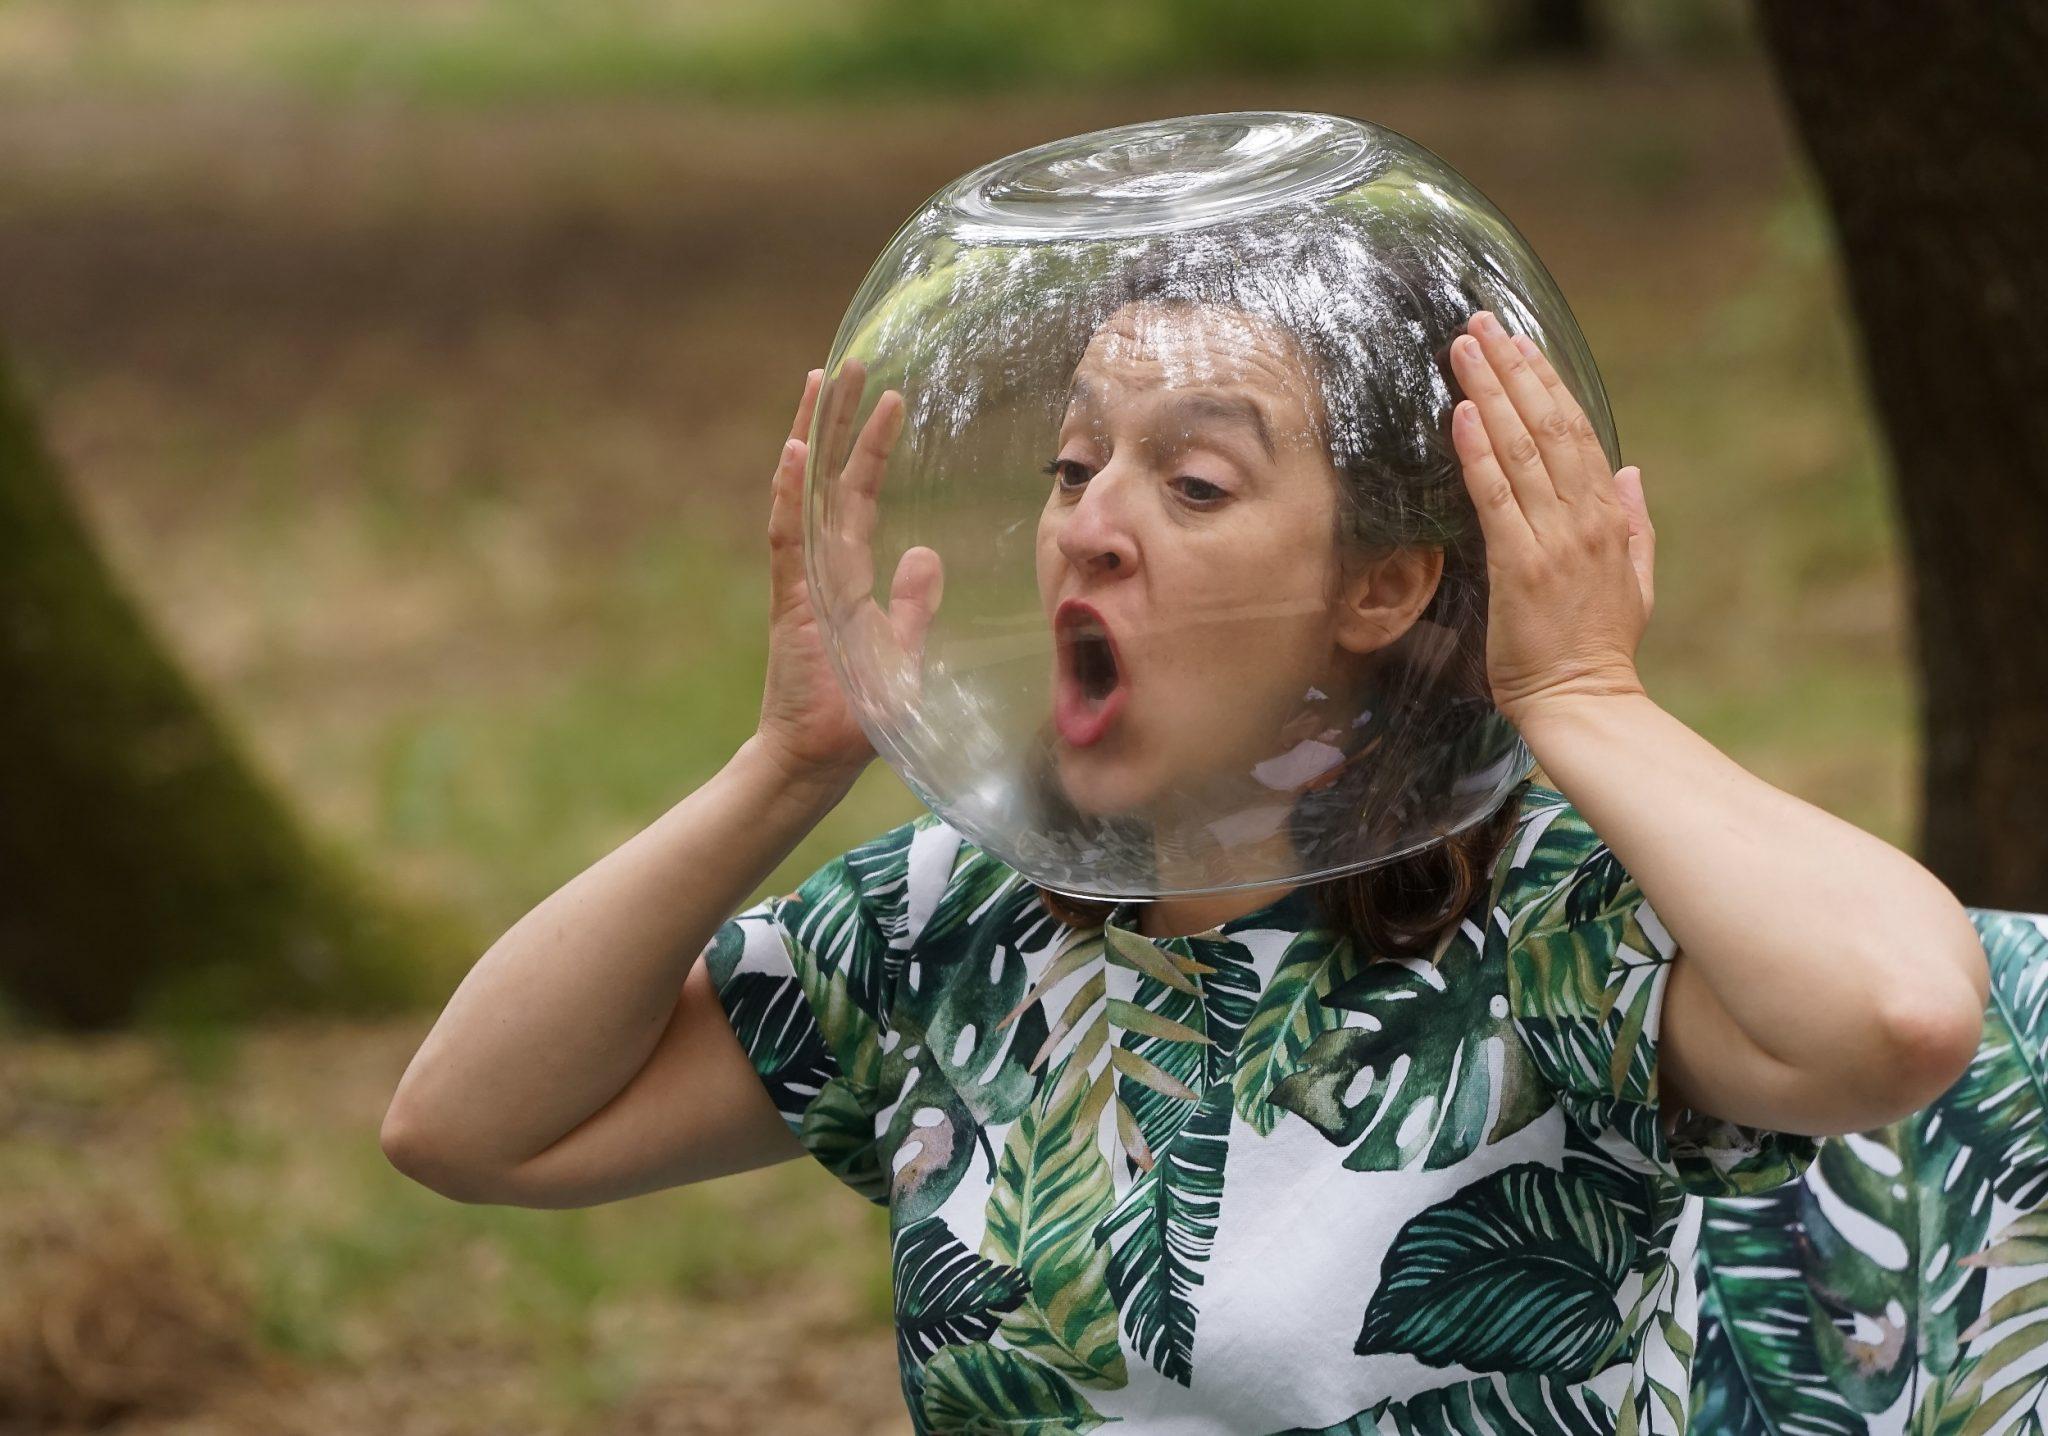 Mulher de boca aberta com a cabeça dentro de um aquário de peixes redondo. Está a olhar para o lado esquerdo do observador vestida com uma camisa com um padrão de folhas verdes